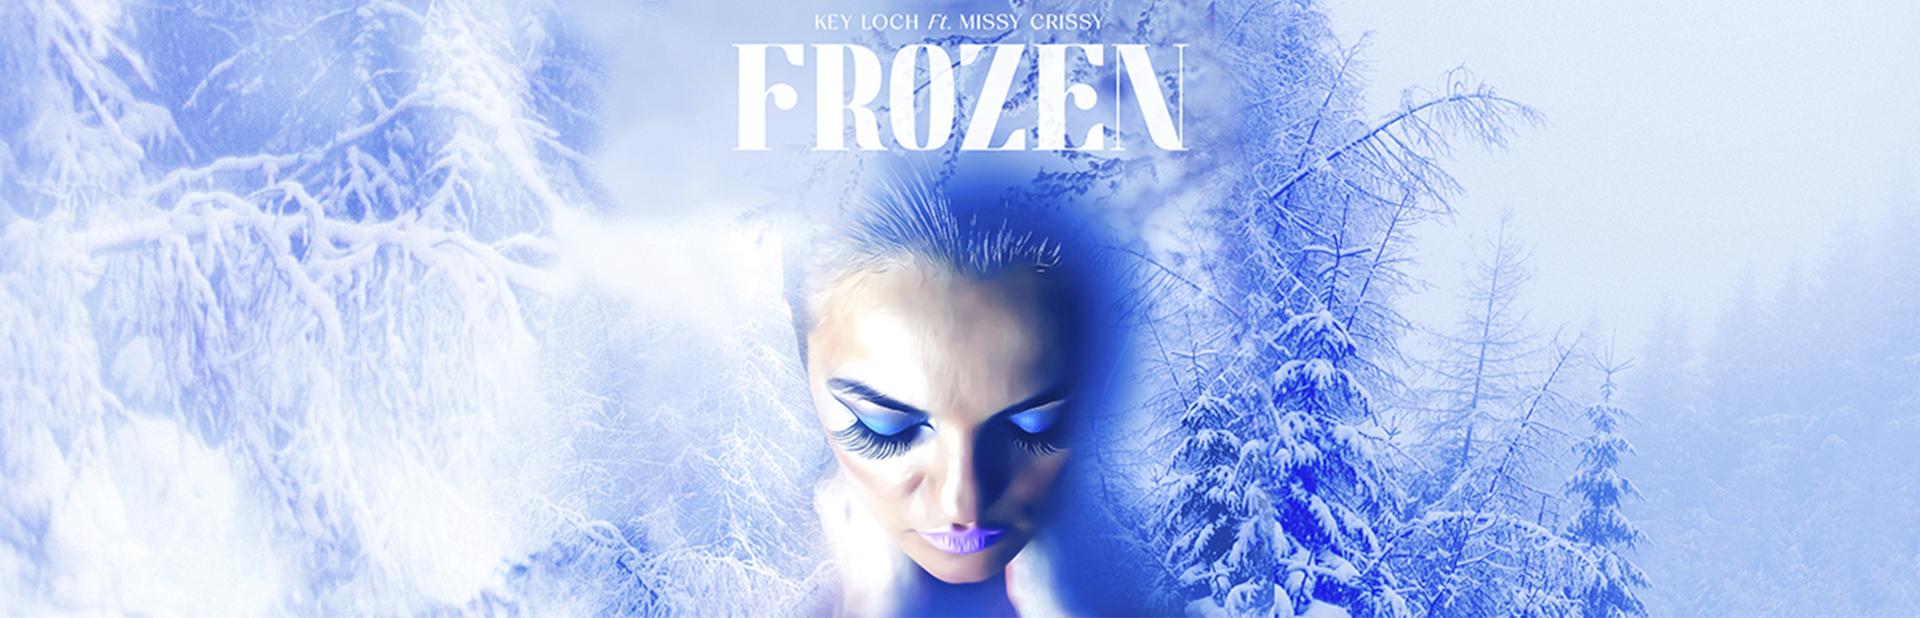 Missy Crissy Frozen